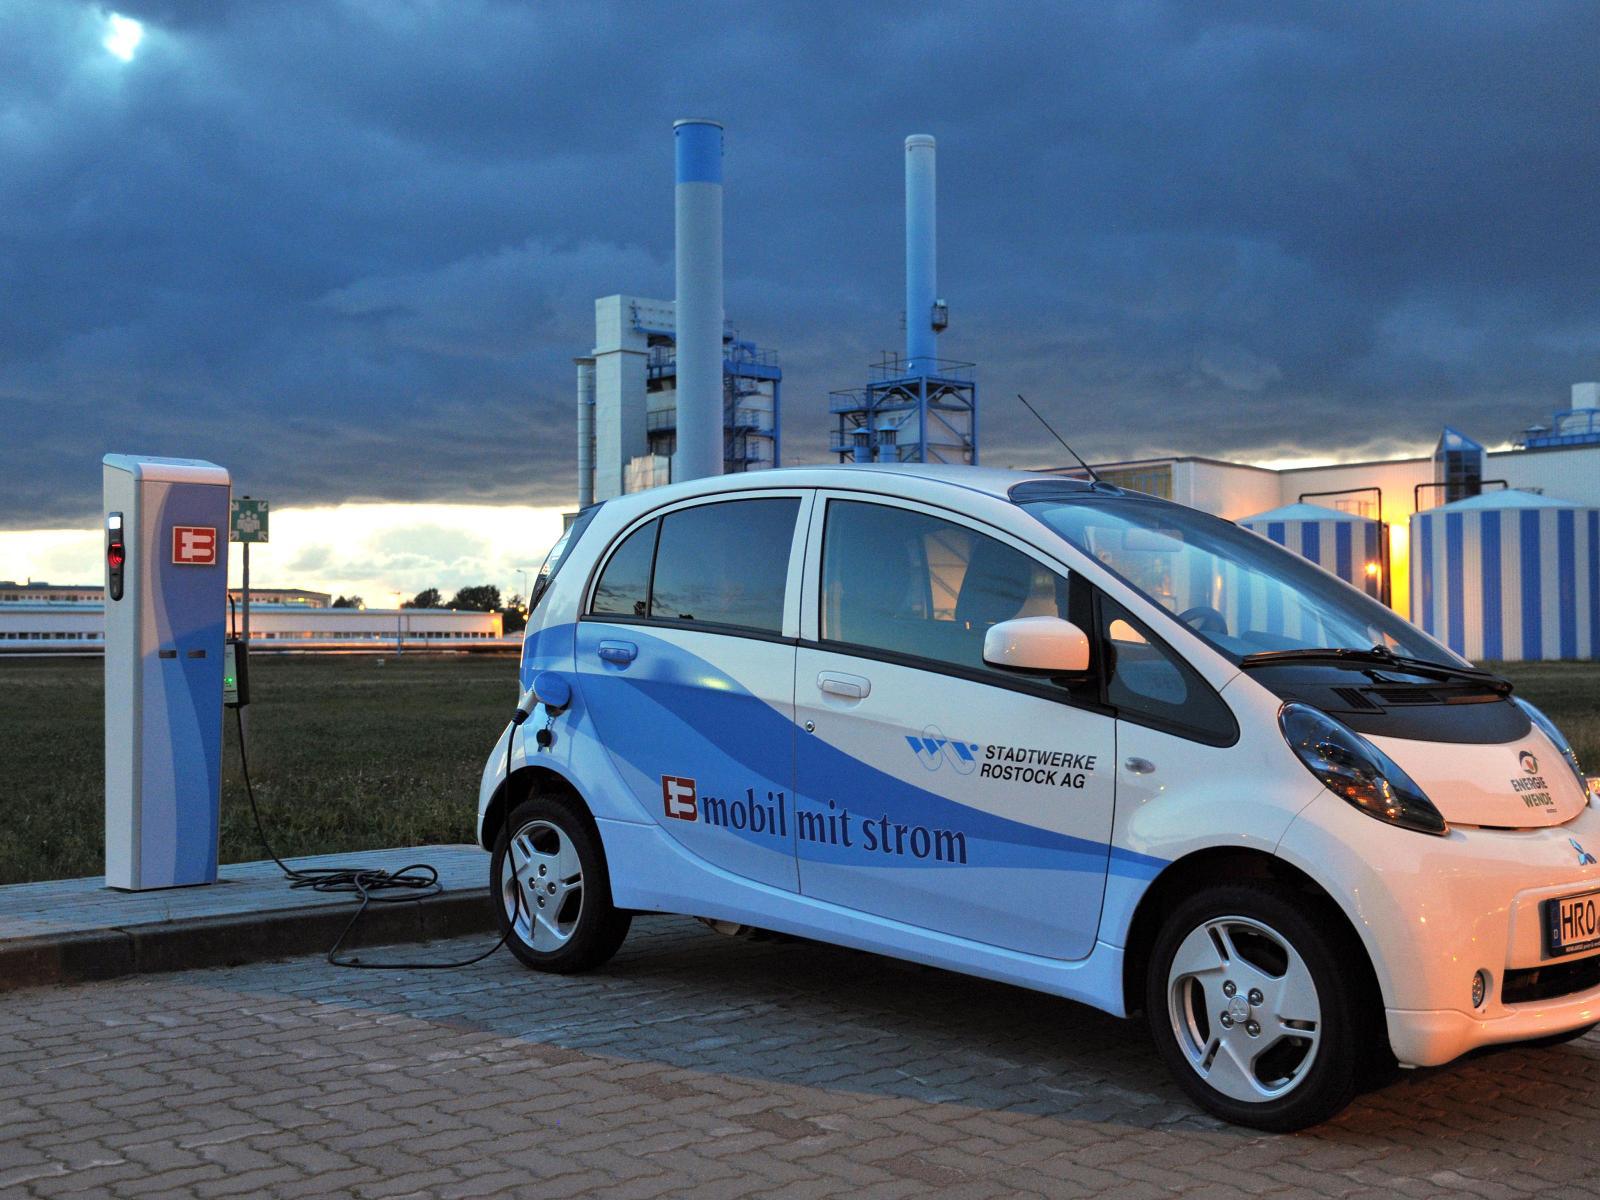 2011 - Unser erstes E-Auto sowie die erste Ladesäule auf unserem Betriebsgelände